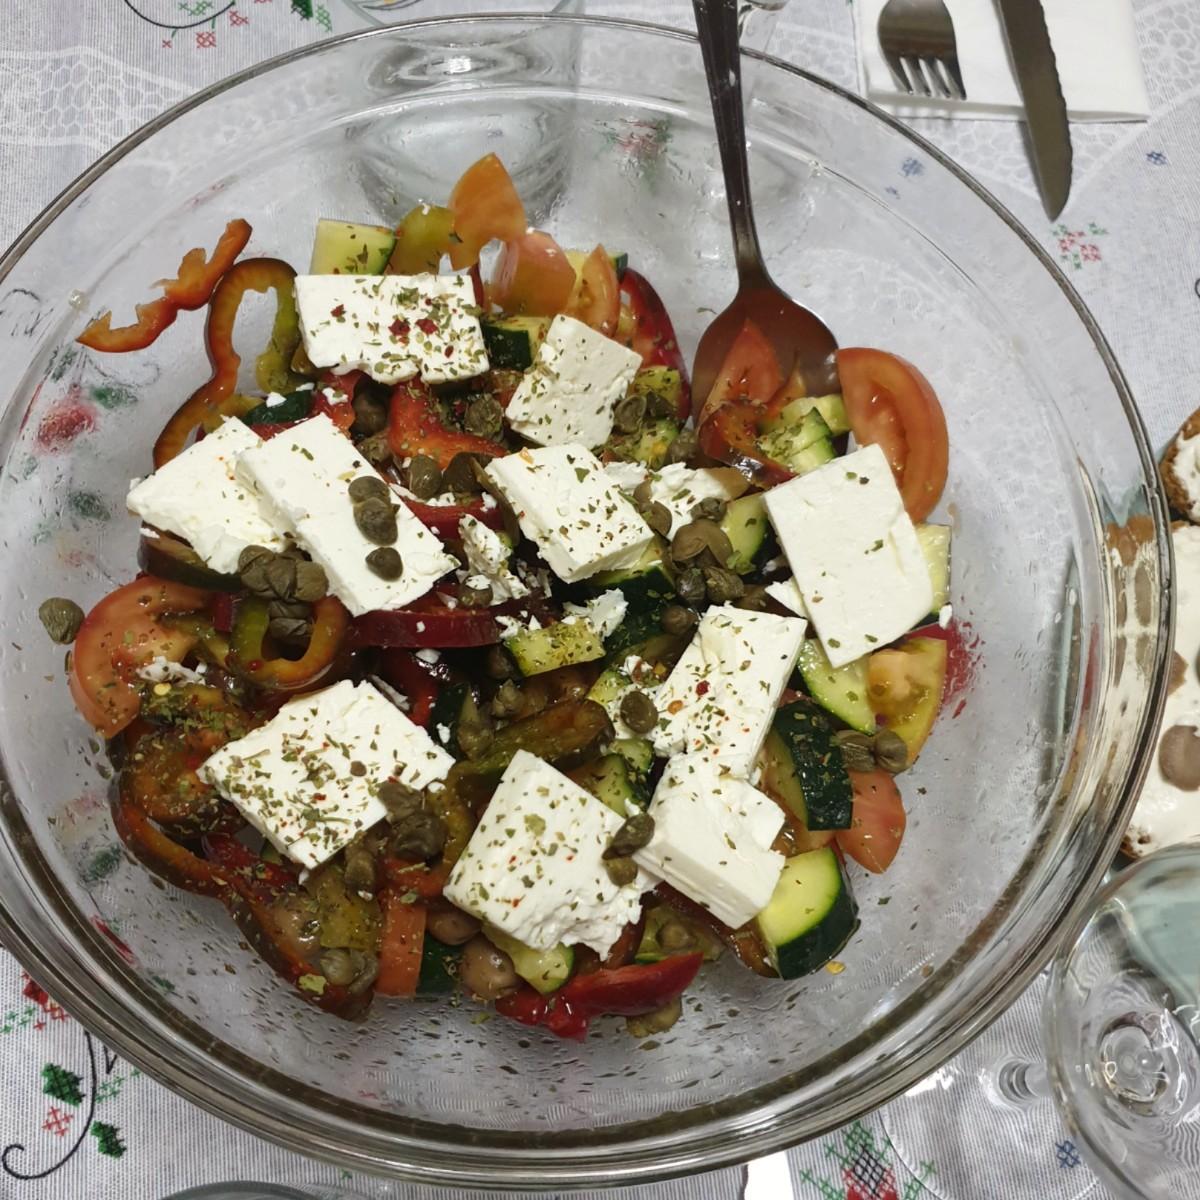 RICETTA INSALATA GRECA TRADIZIONALE insalata con formaggio feta